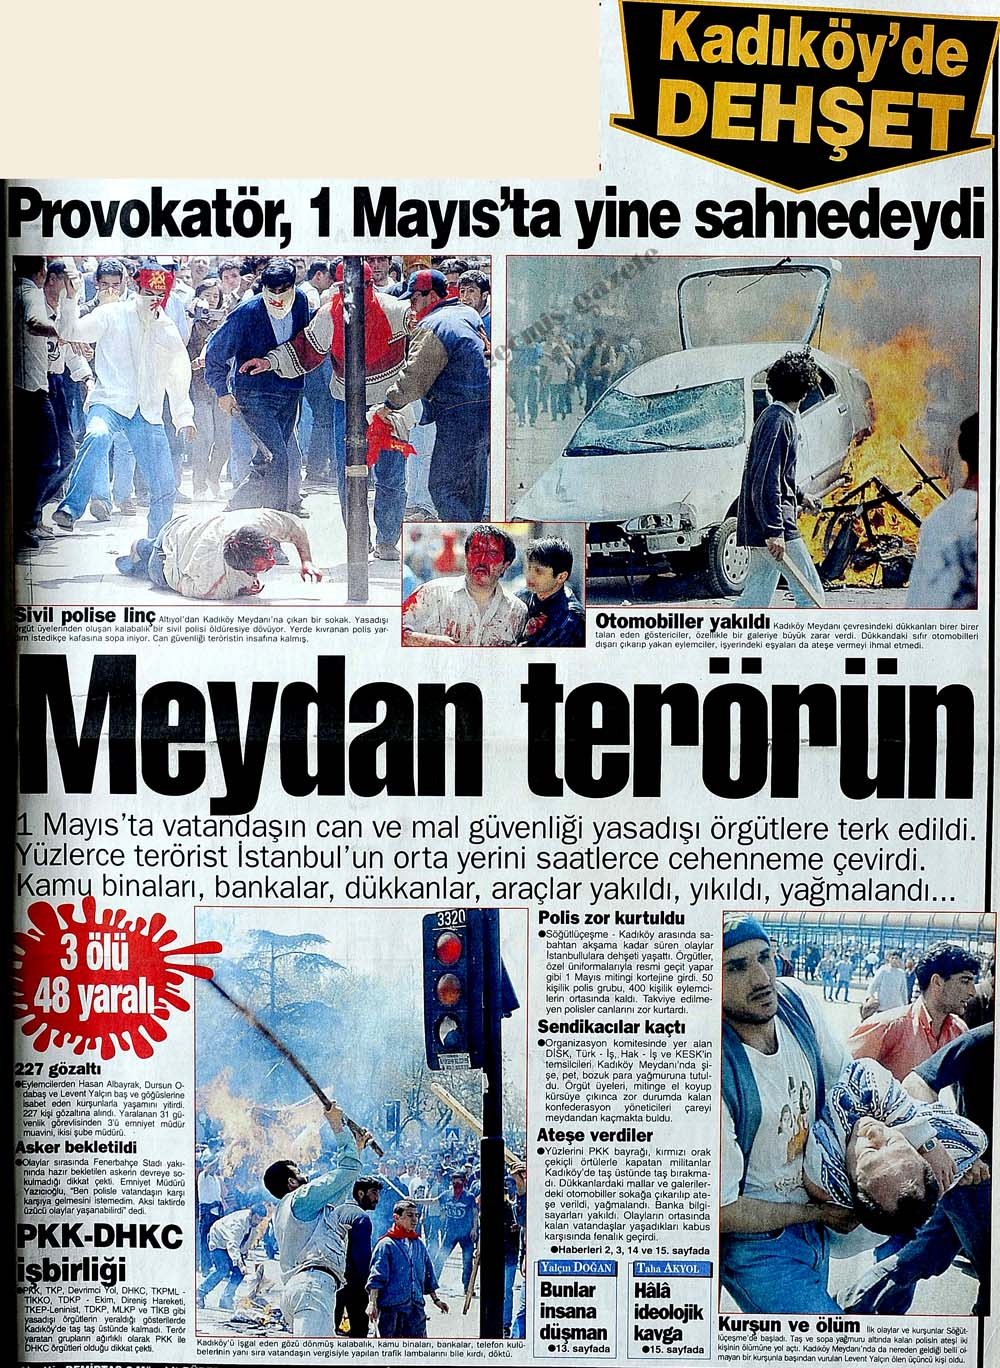 Terör Kadıköy'ü teslim aldı